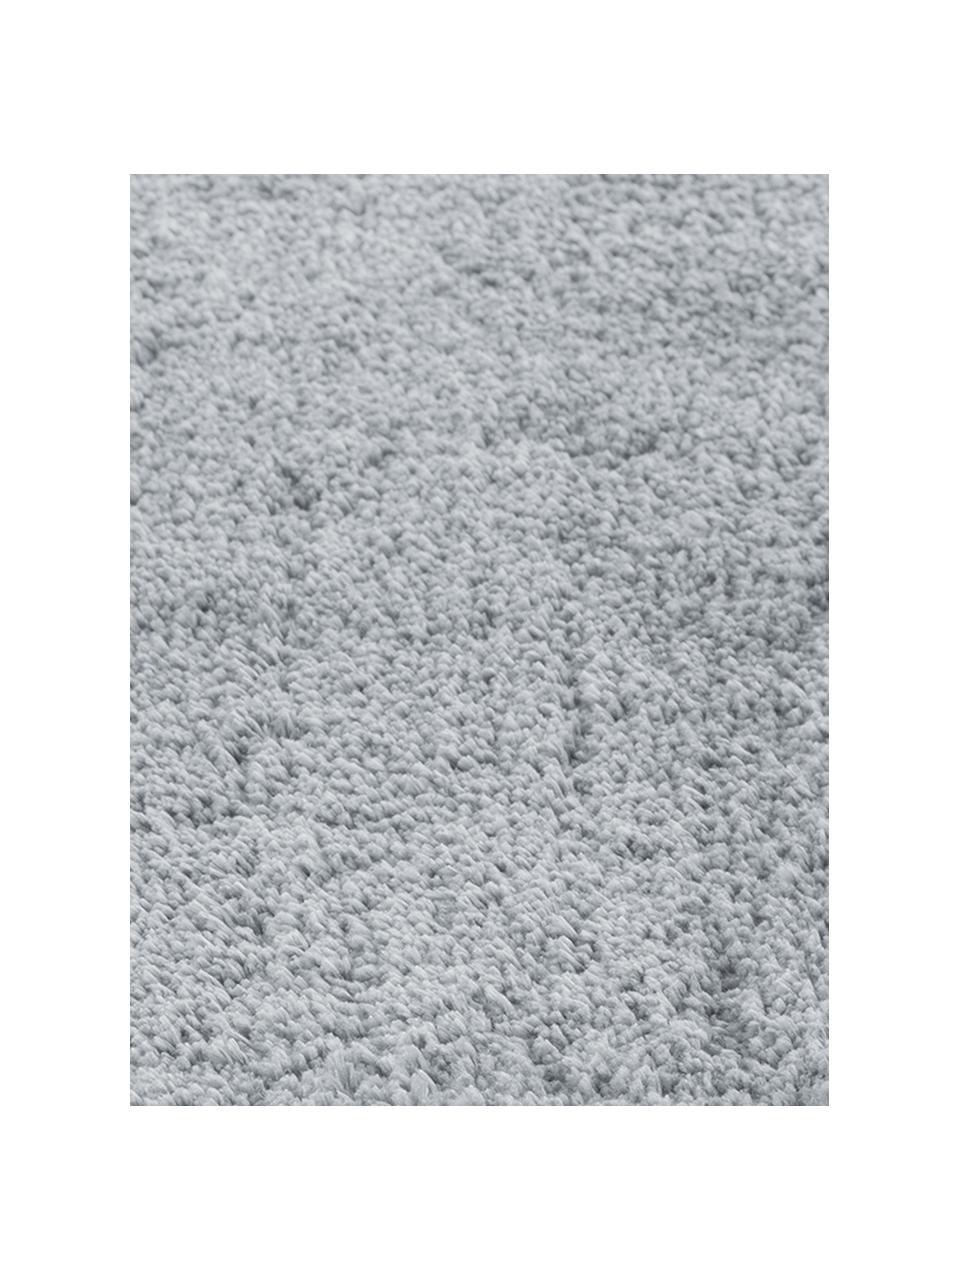 Tappeto rotondo a pelo lungo grigio Leighton, Retro: 70% poliestere, 30% coton, Grigio, Ø 200 cm (taglia L)